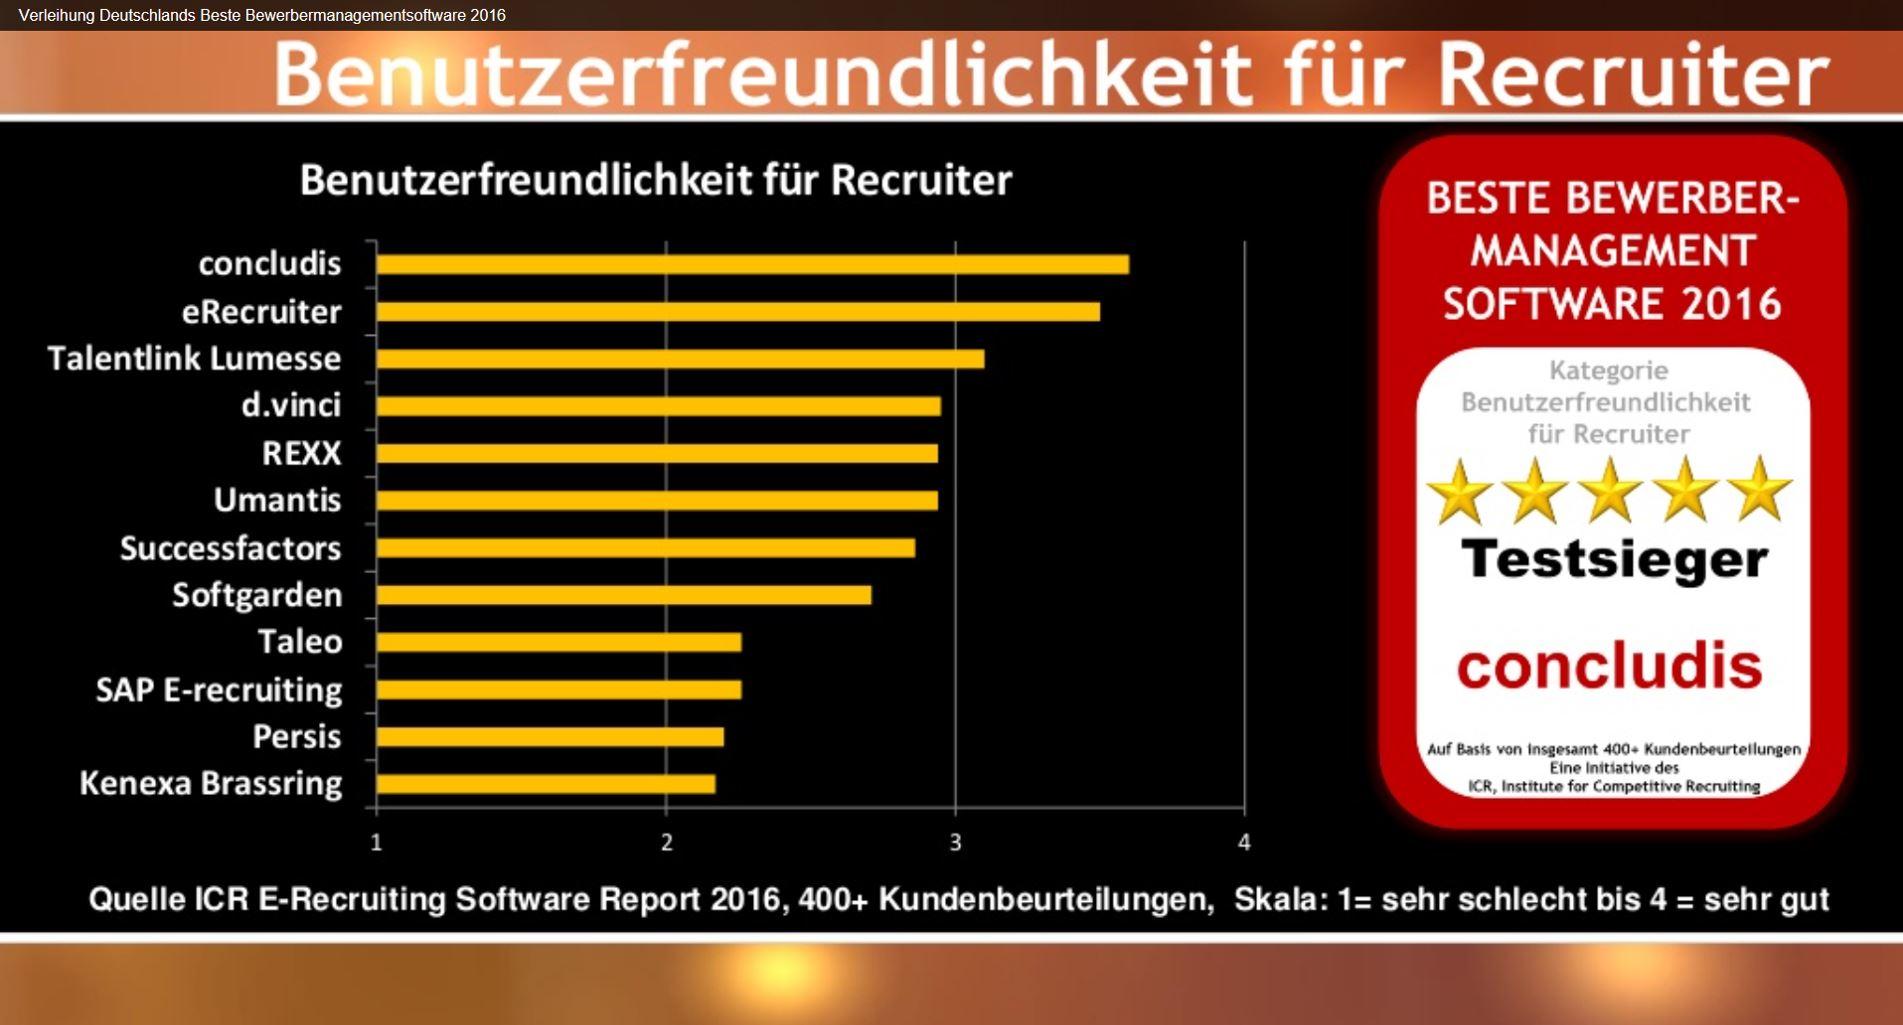 bestebms_benutzerfreundlichkeit_recruiter